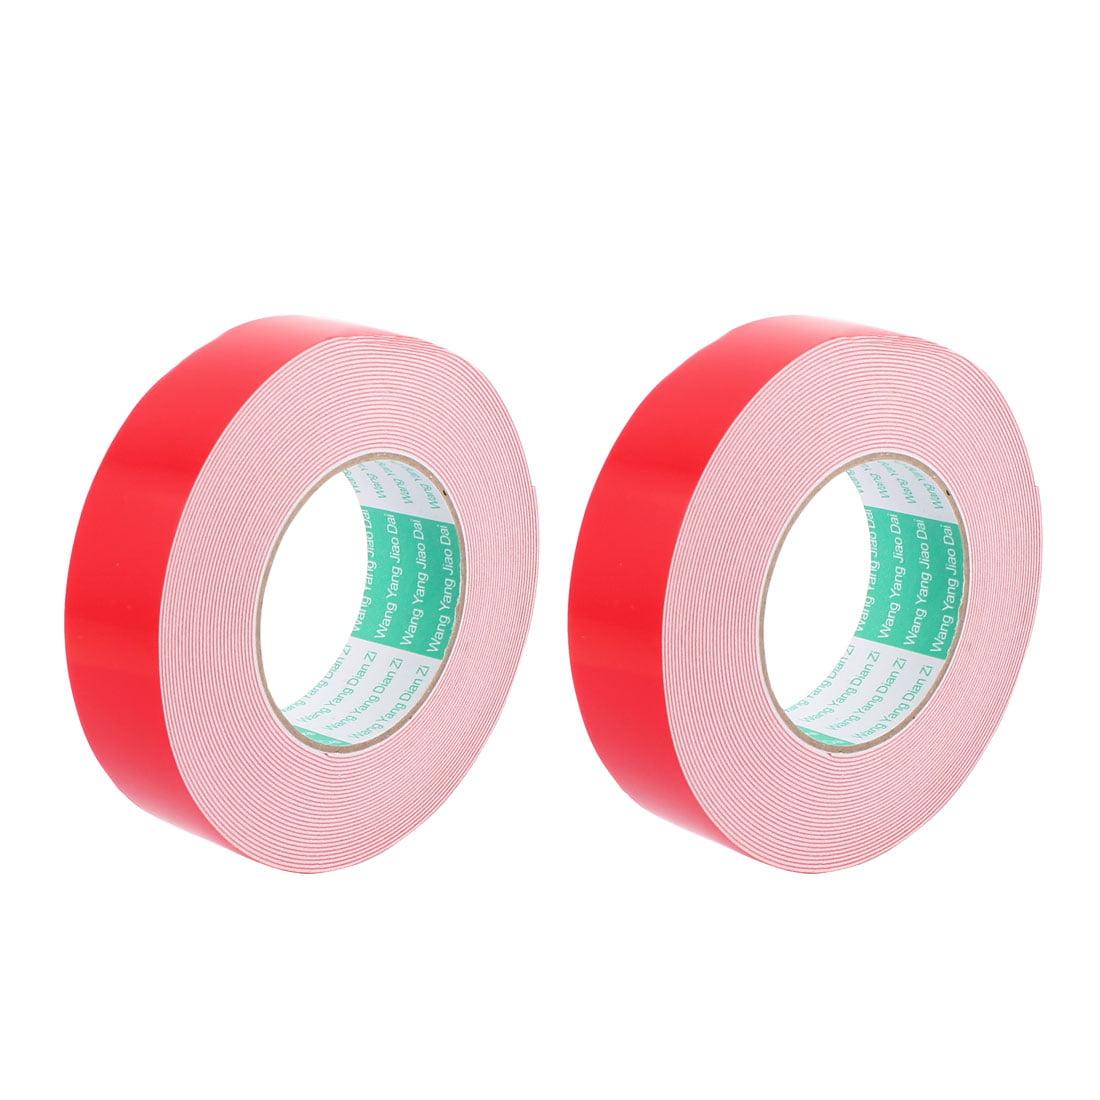 Unique Bargains 2PCS 40MM Width 10M Long 1MM Thick White Dual Sided Waterproof Sponge Tape